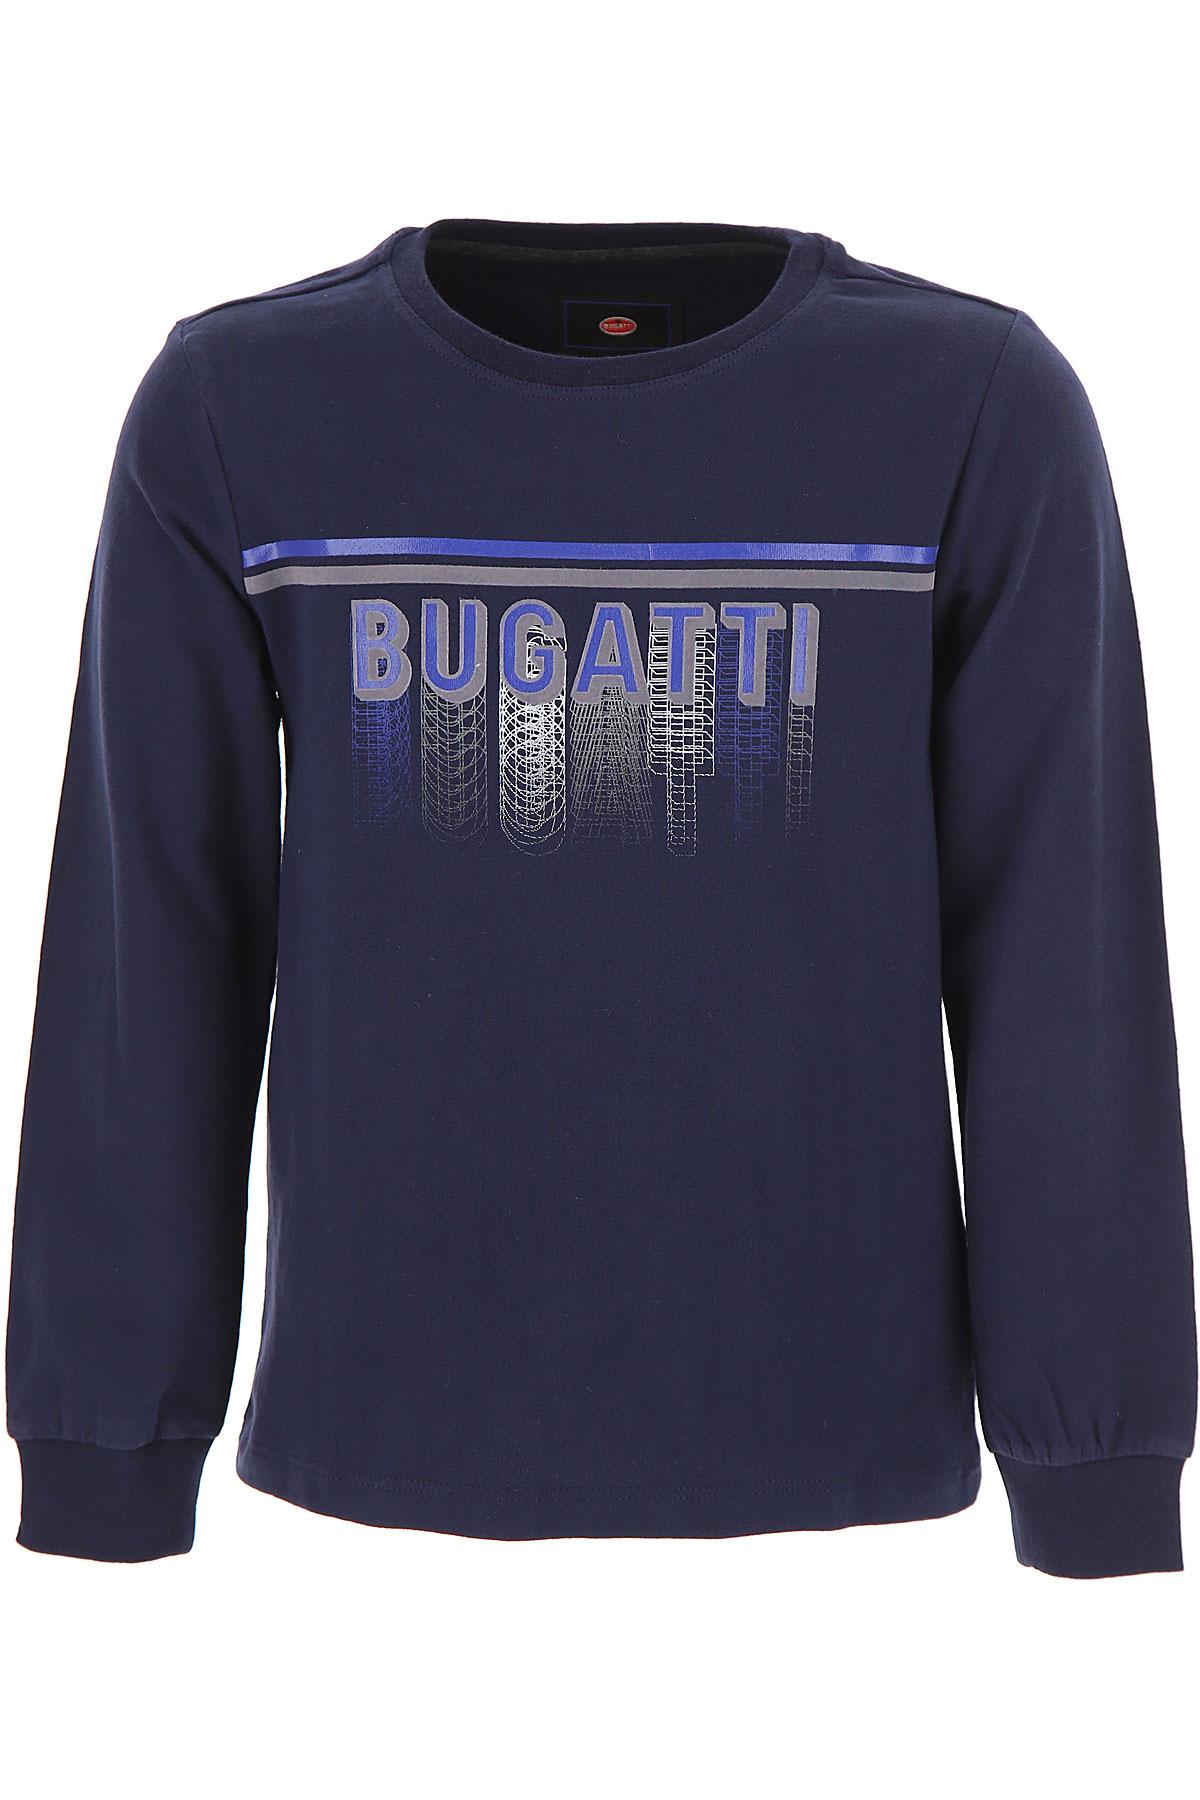 Image of Bugatti Kids T-Shirt for Boys, Blue, Cott, 2017, 2Y 3Y 4Y 5Y 6Y 7Y